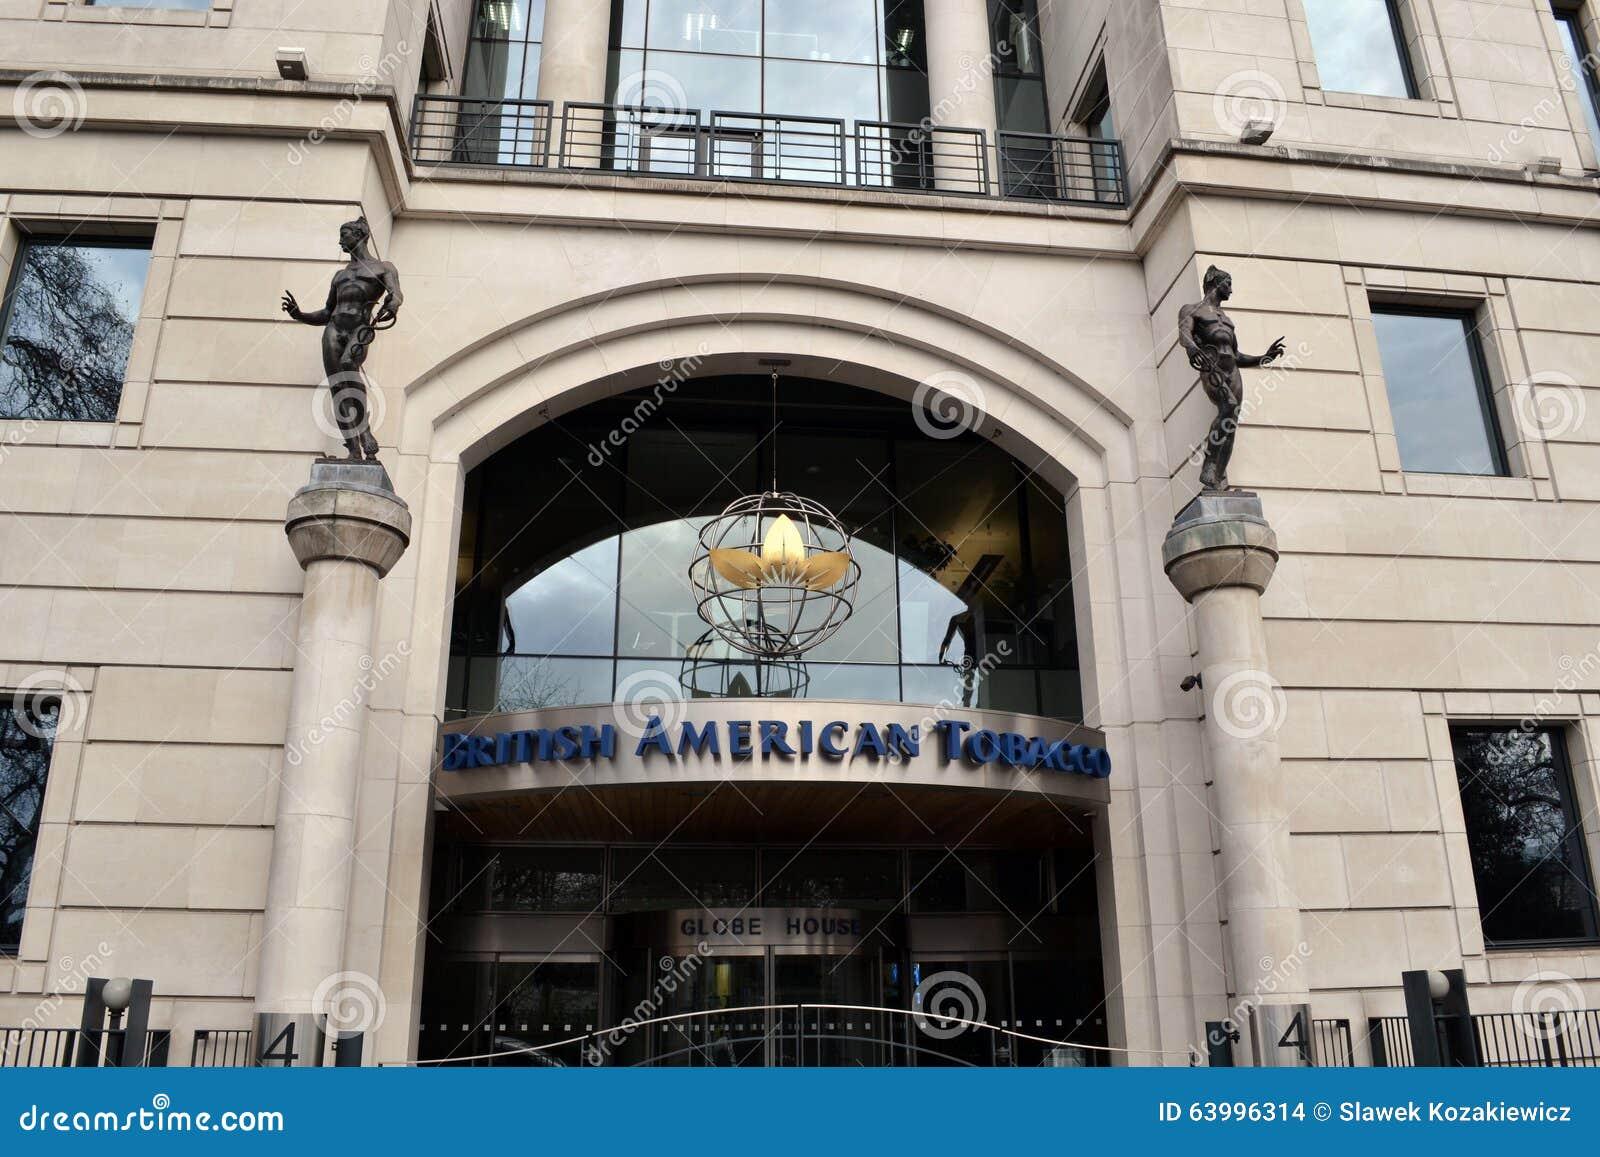 Google Hoofdkwartier Londen : British american tobacco hoofdkwartier londen redactionele stock